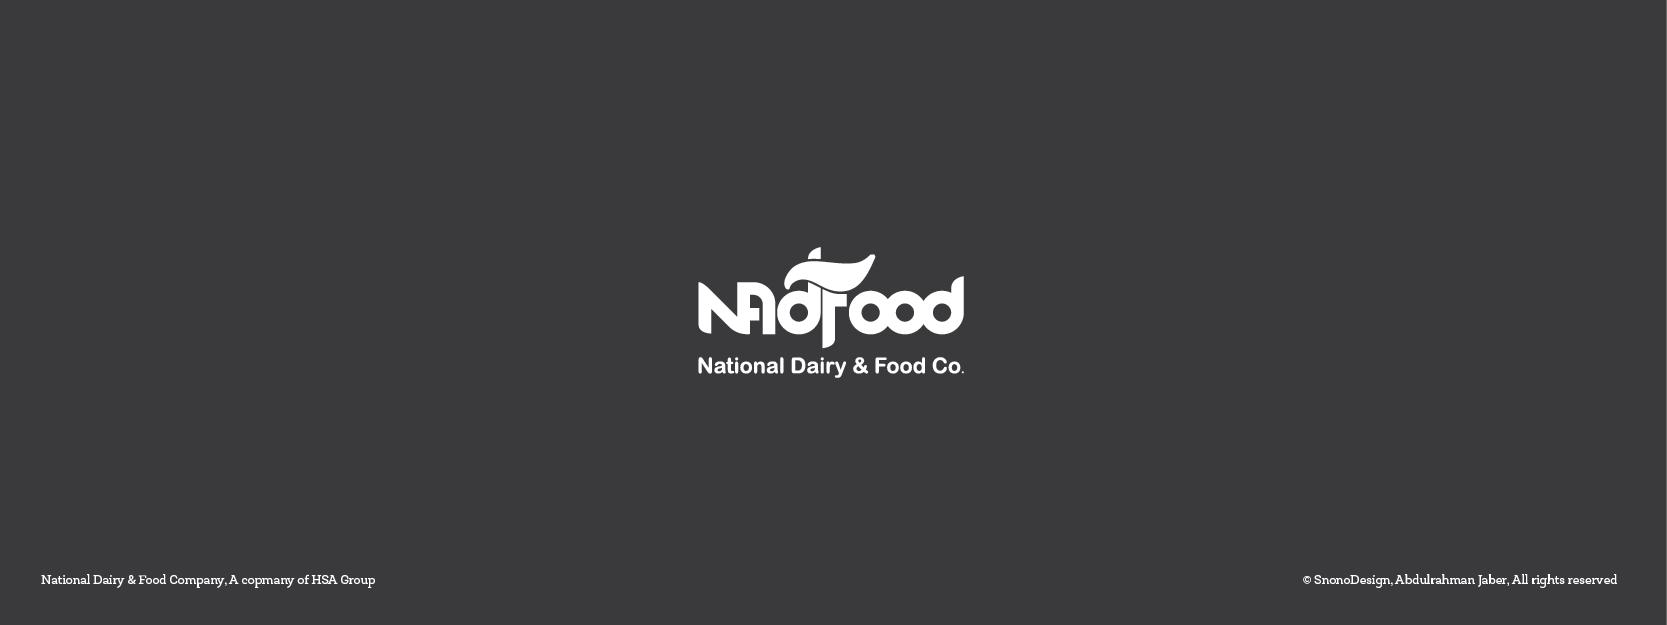 Logos 2002 - 2016 -2-02.png